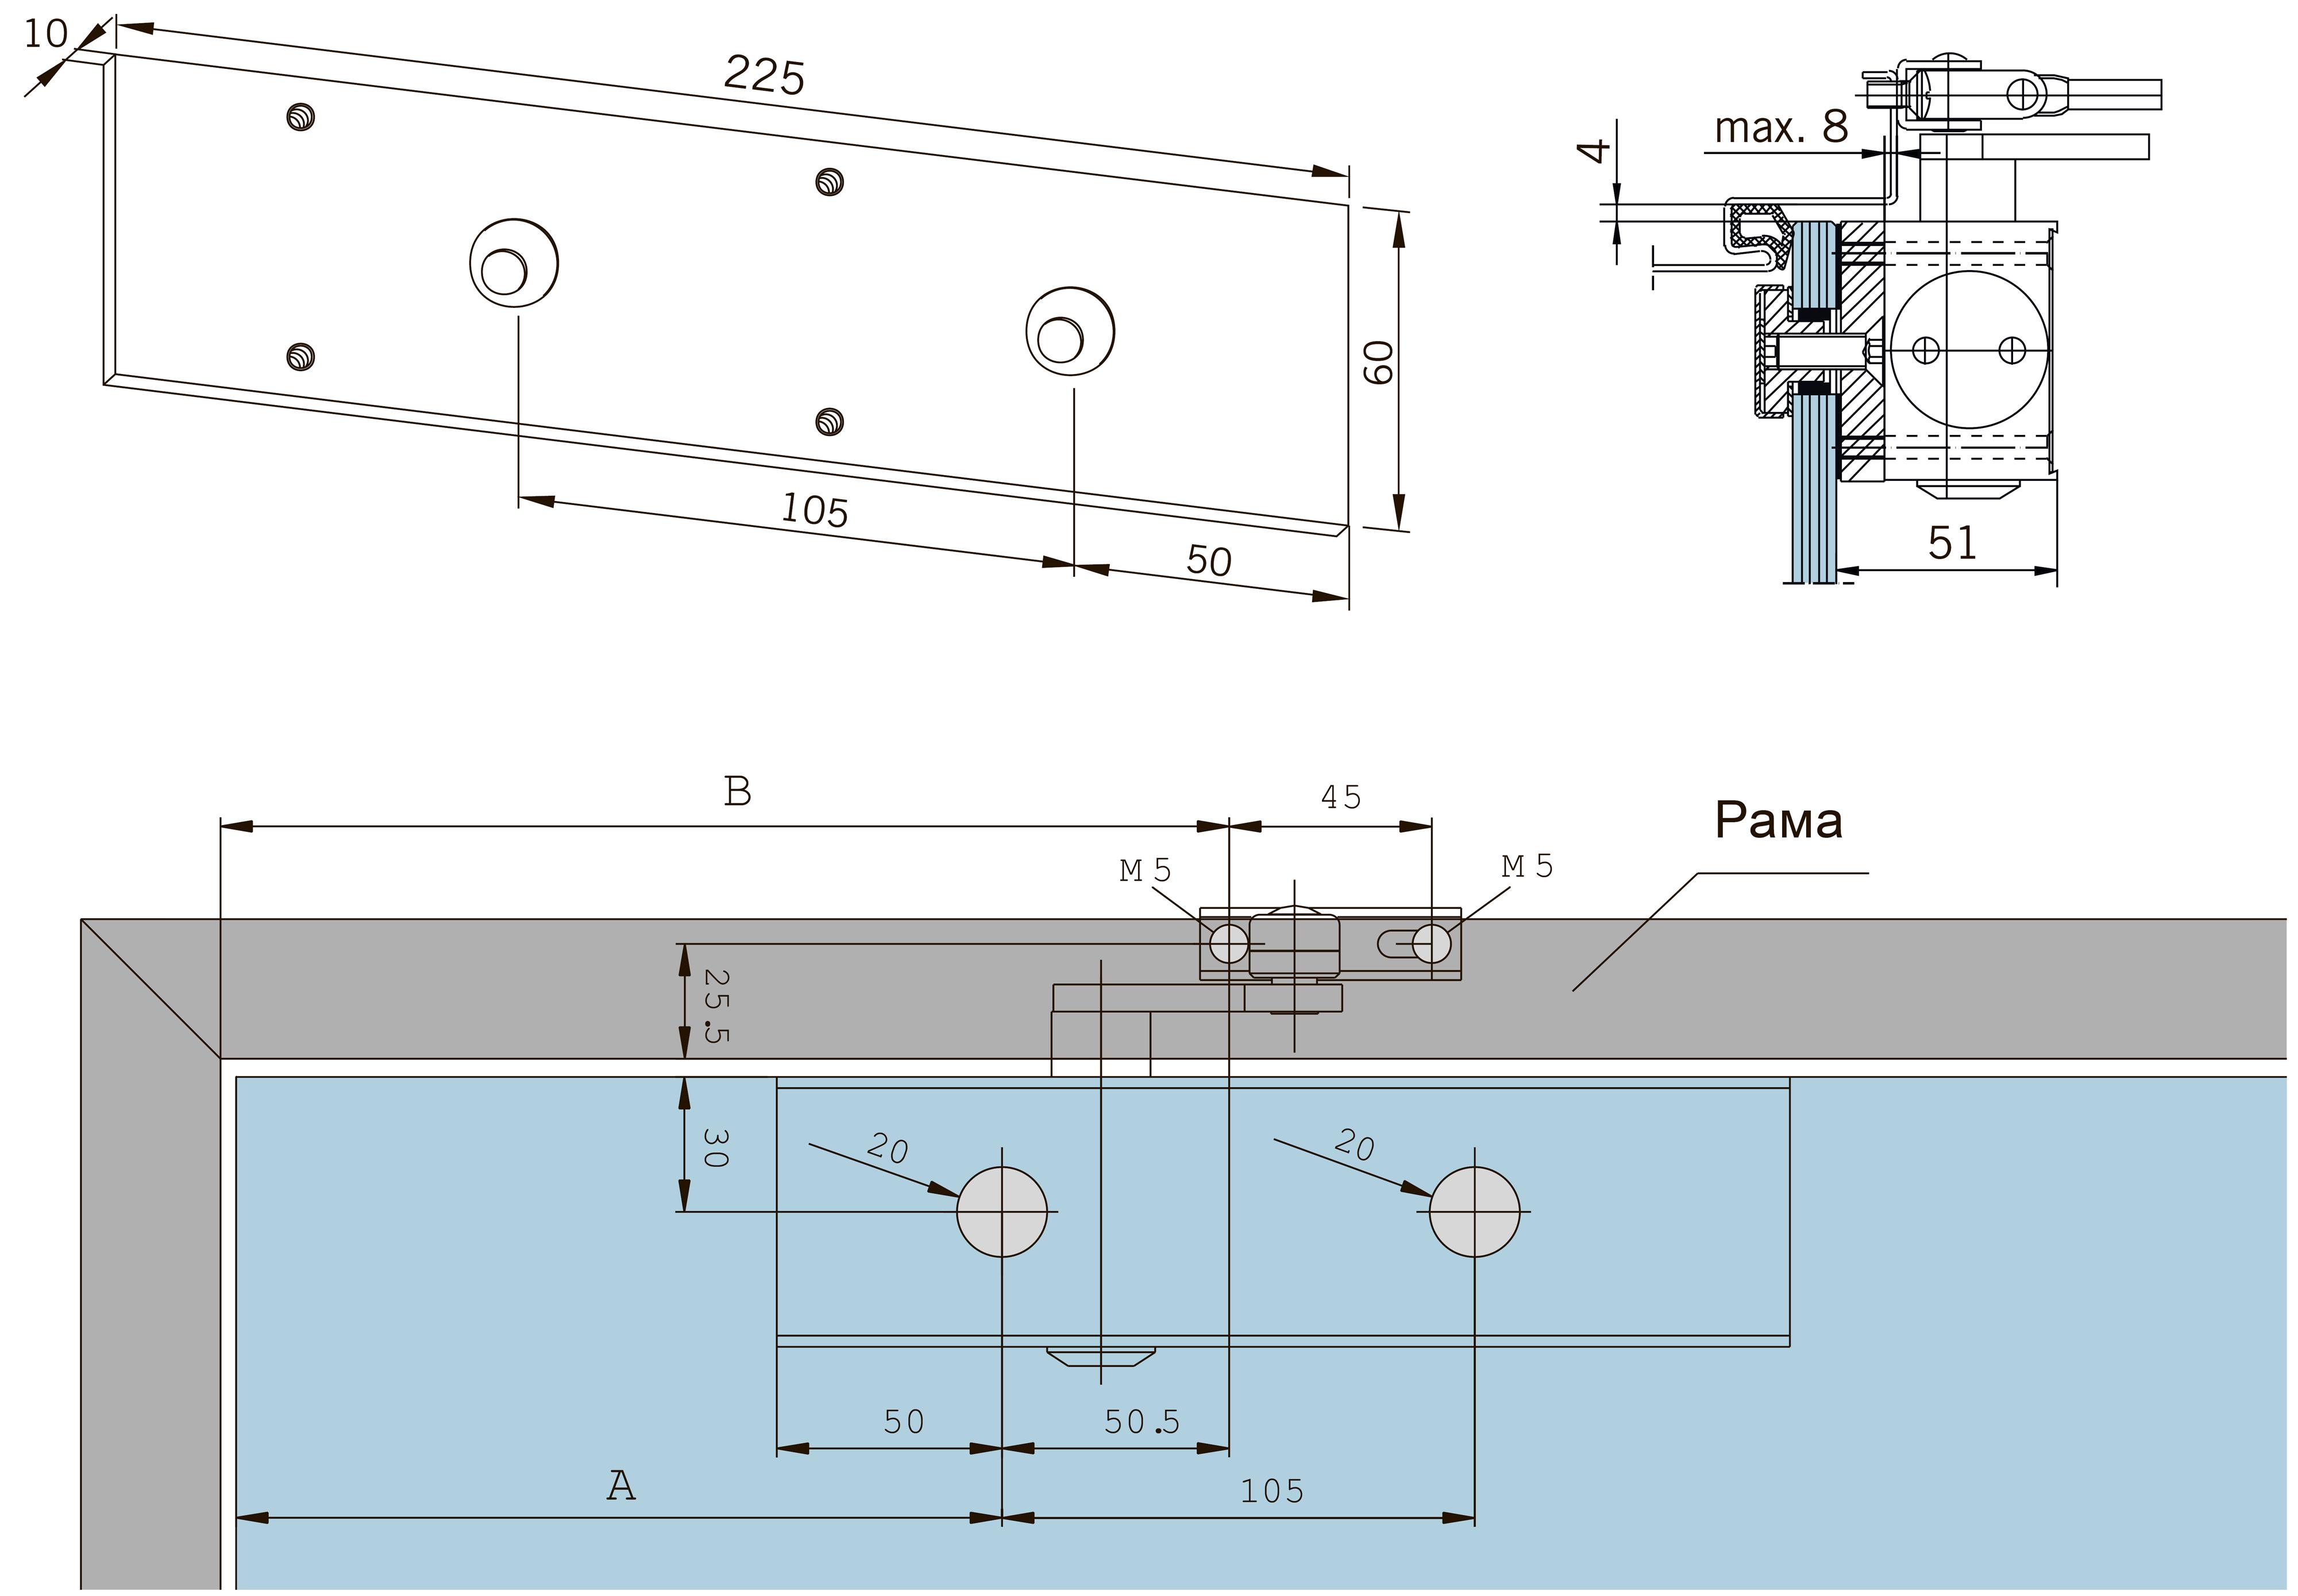 Размеры и способ крепления монтажной пластины для дверного доводчика TS 73 V на стекло